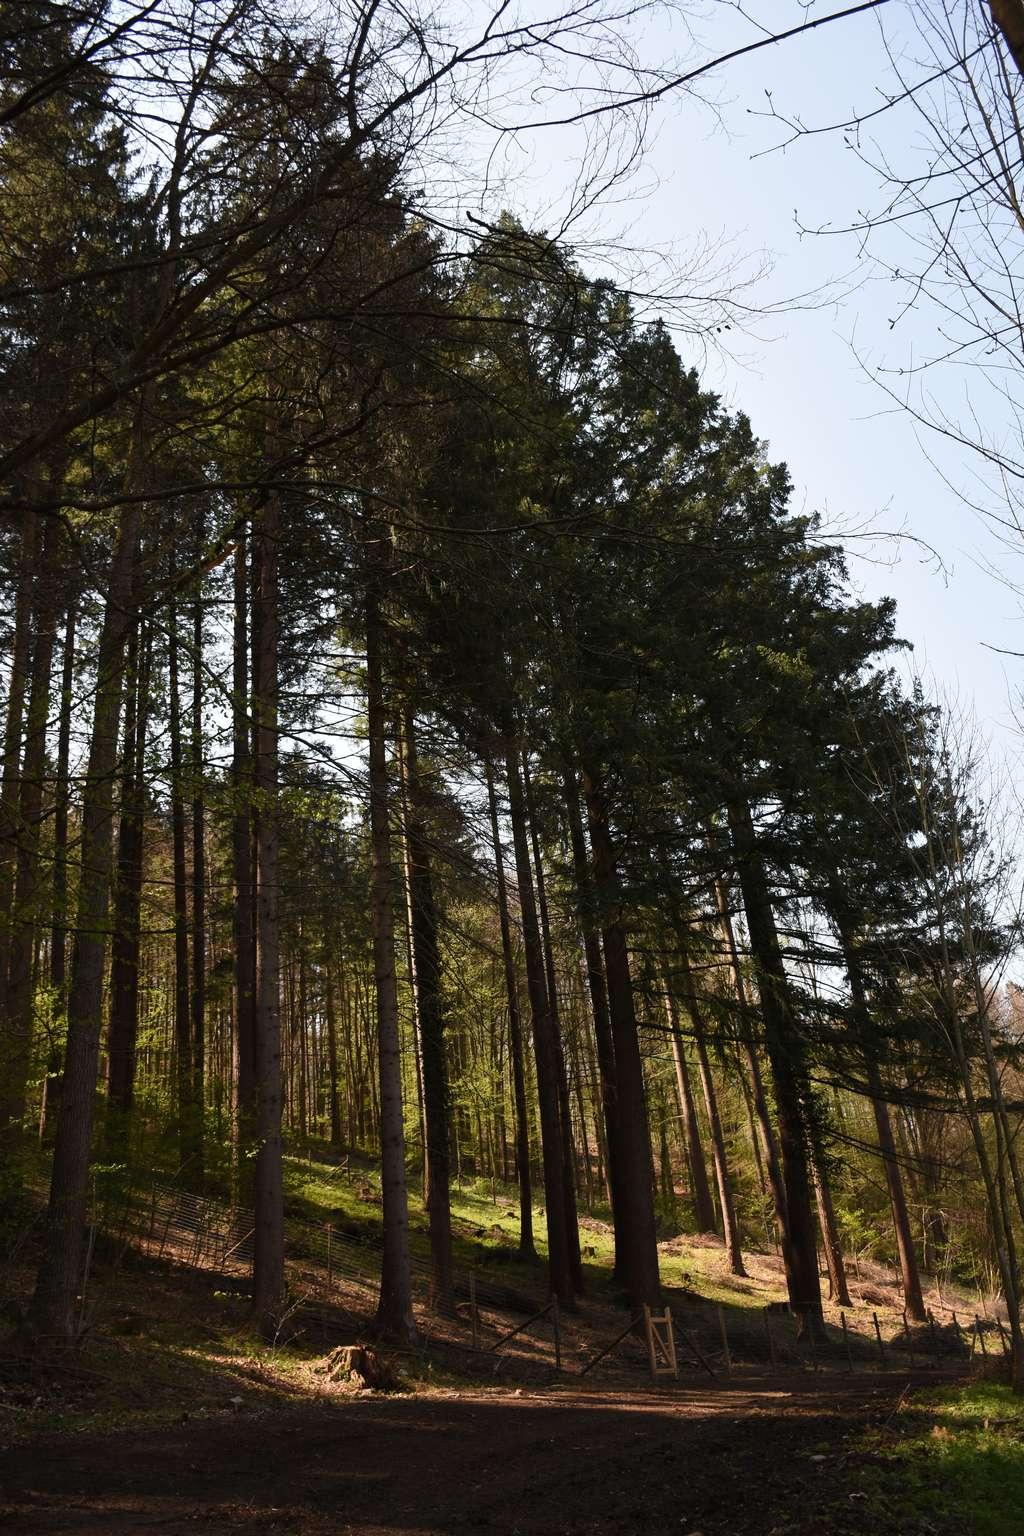 Ein Teil der Bäume wurde eingezäunt um zu überprüfen ob Verjüngung ohne Wildeinfluss aufkommen kann.